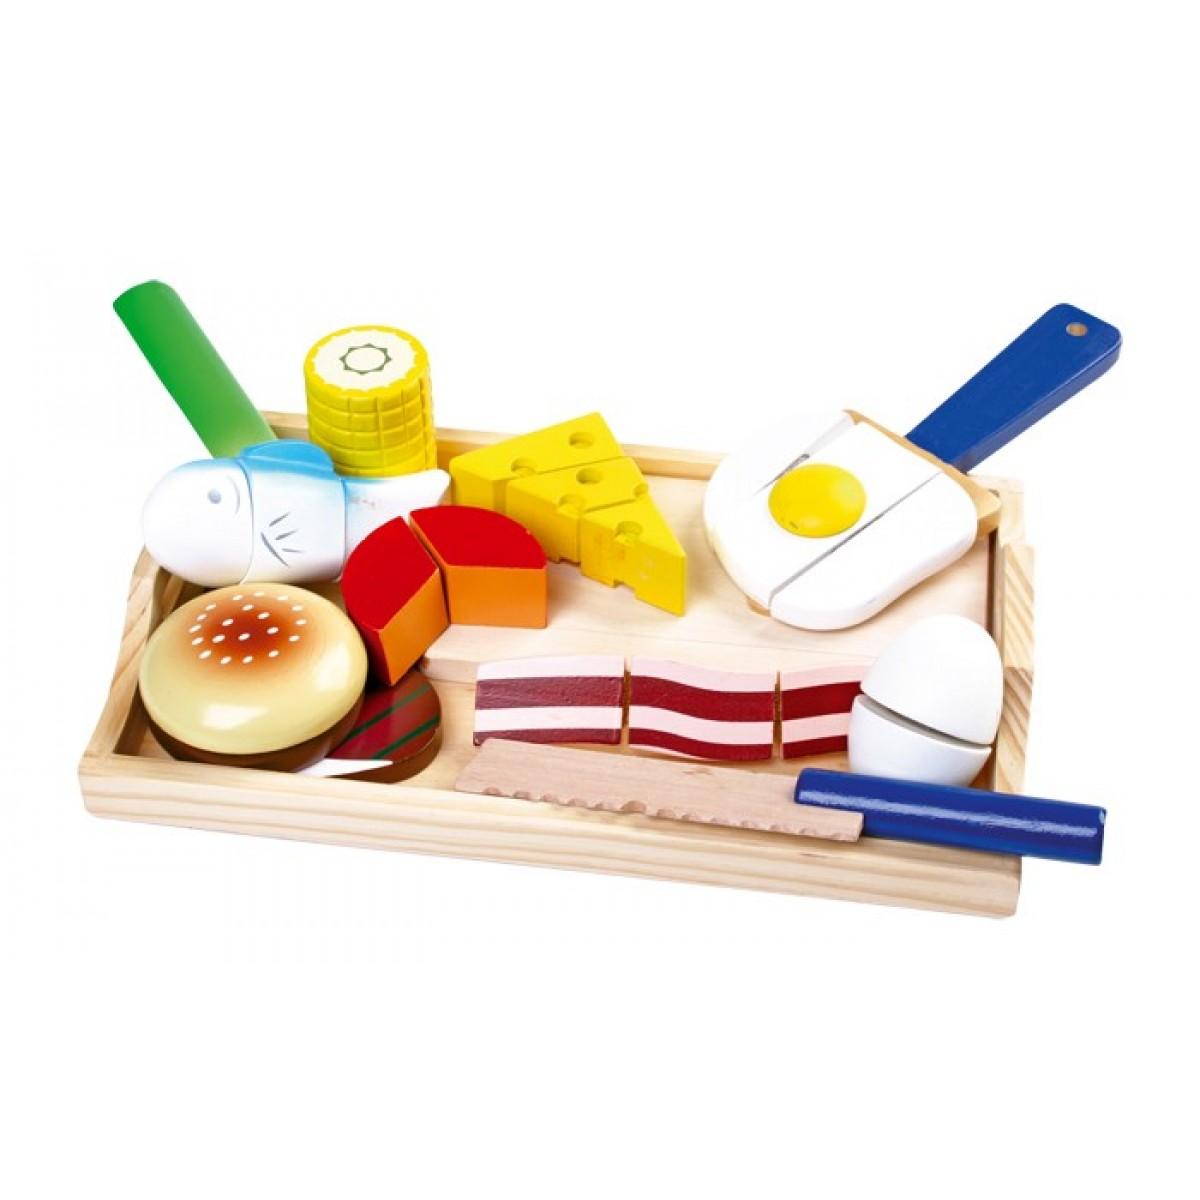 Schneide gourmet ein schneidespielzeug vom holzspielzeug for Holzspielzeug profi